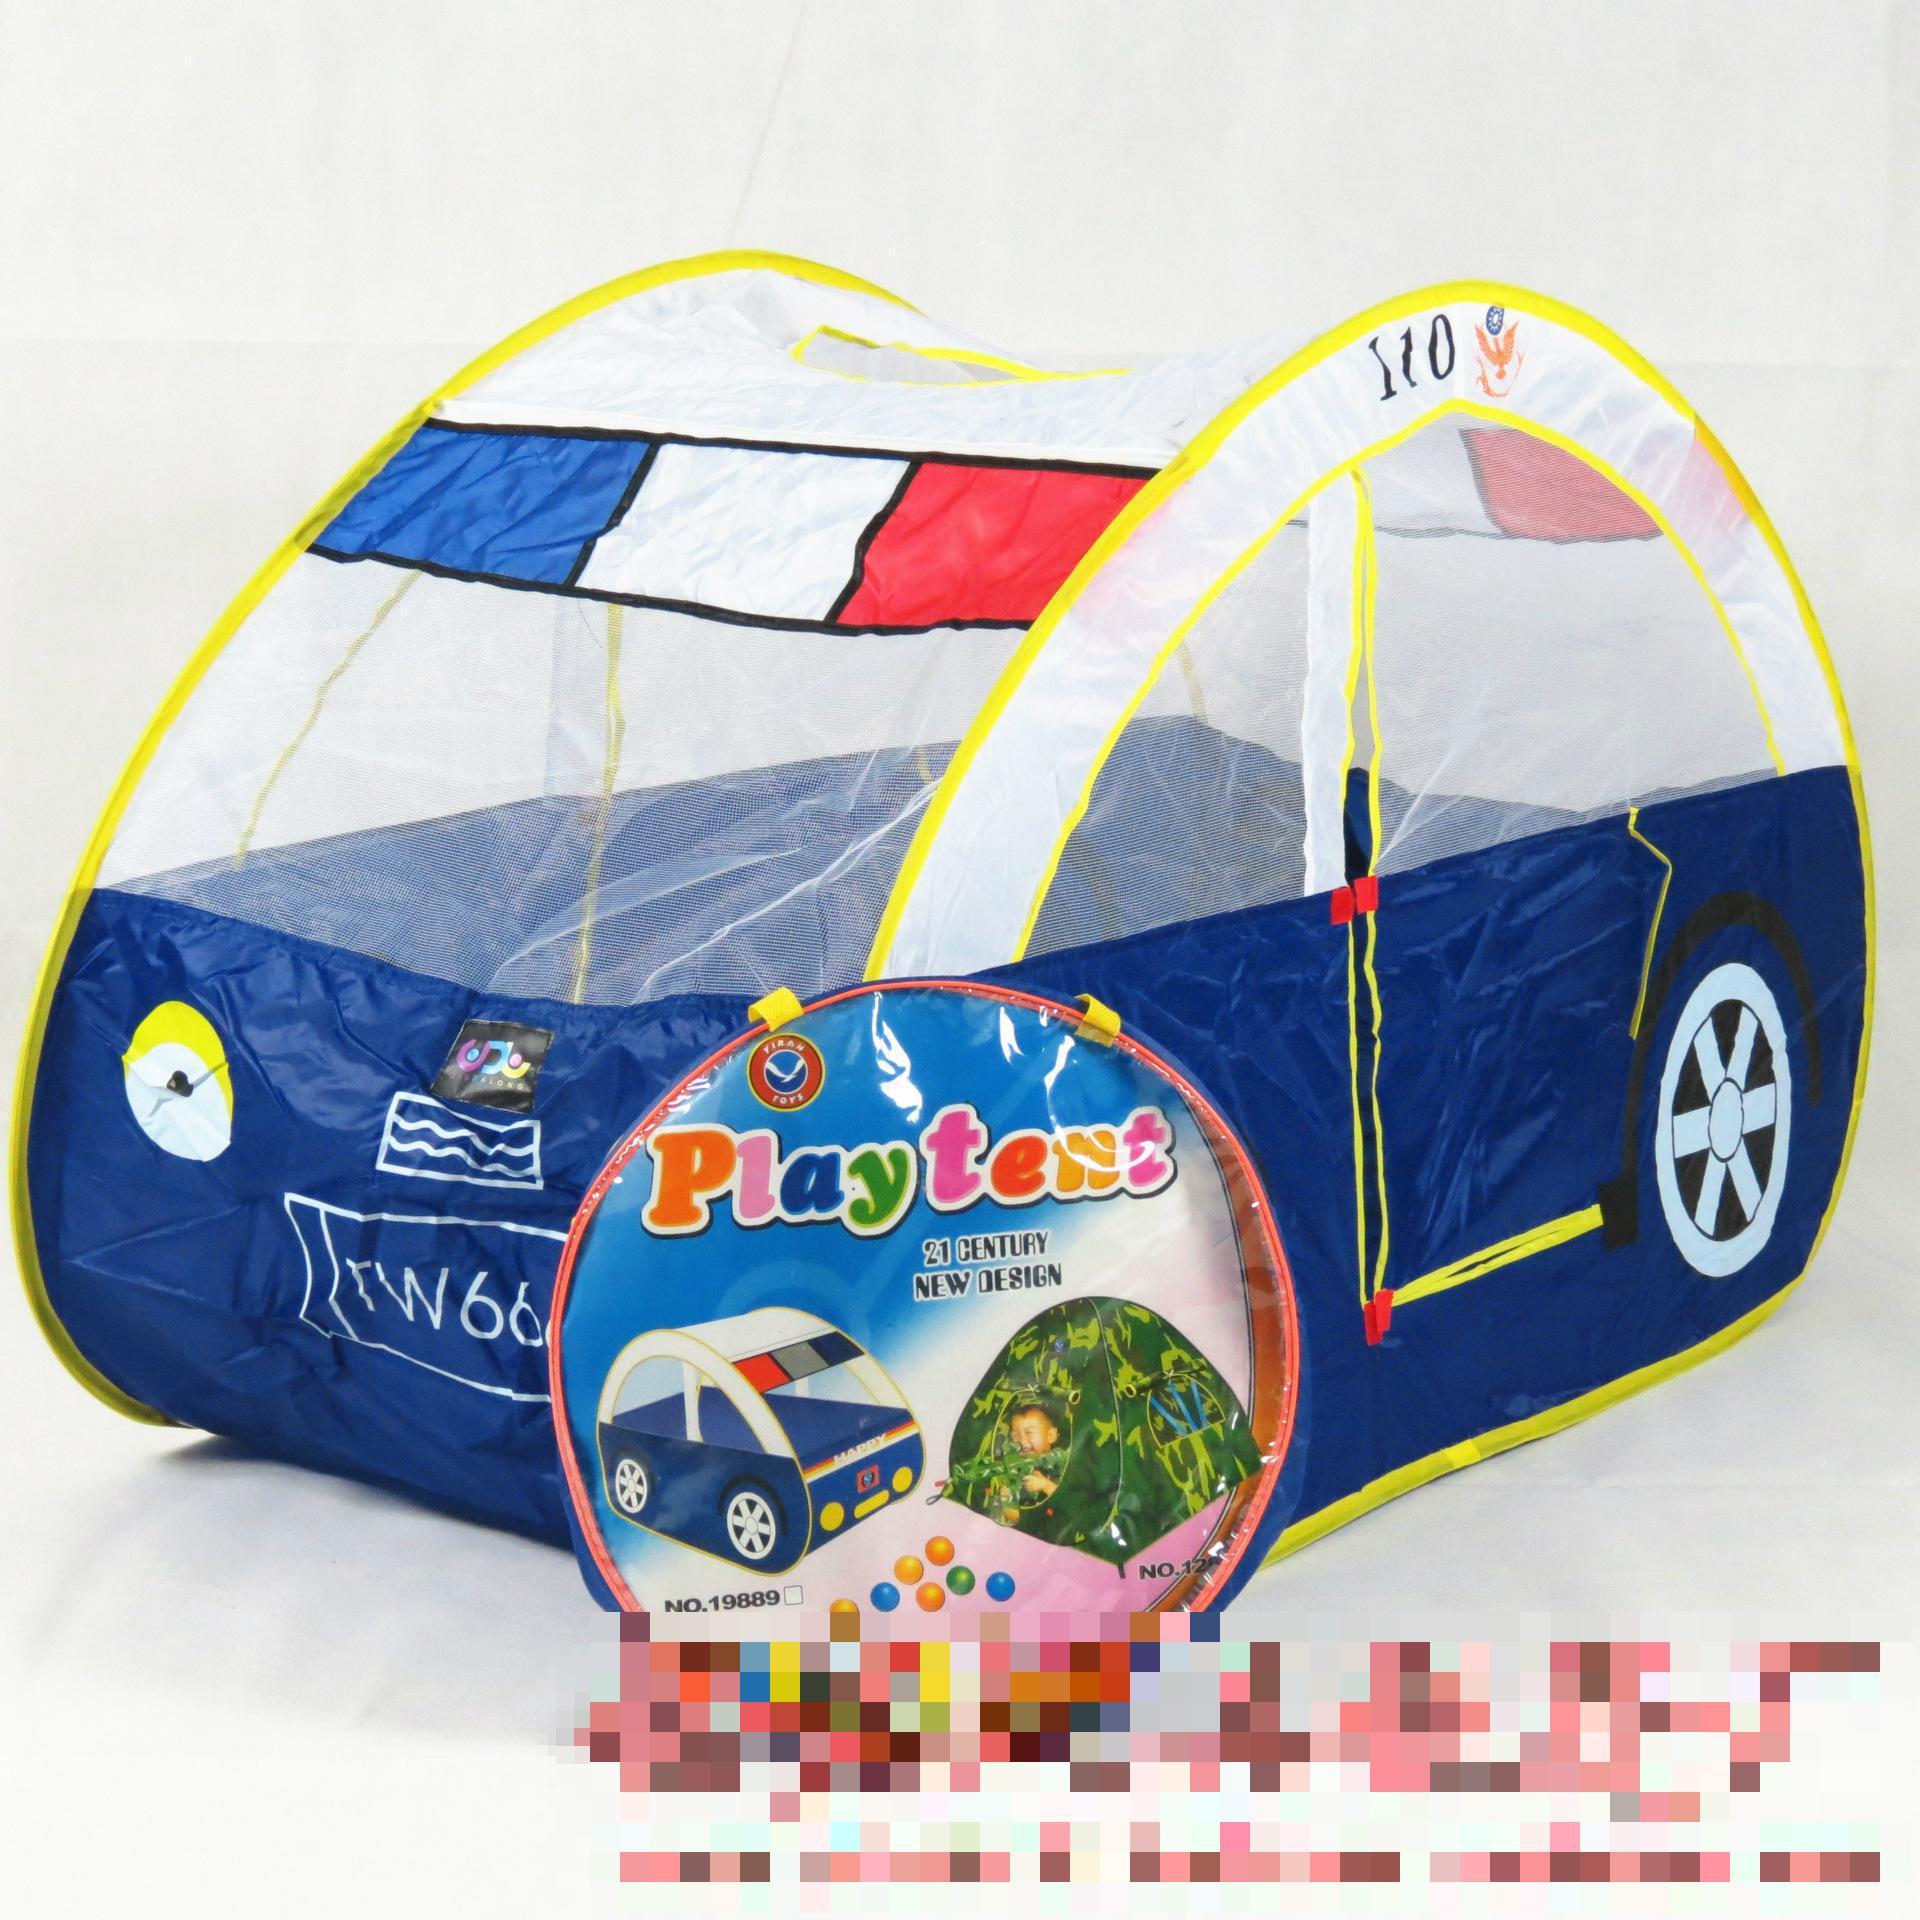 2015 nova poliéster crianças tenda túnel tenda brinquedo das crianças brinquedos ao ar livre tenda tenda jogar bebê de jogo do bebê brinquedo jogo ao ar livre(China (Mainland))